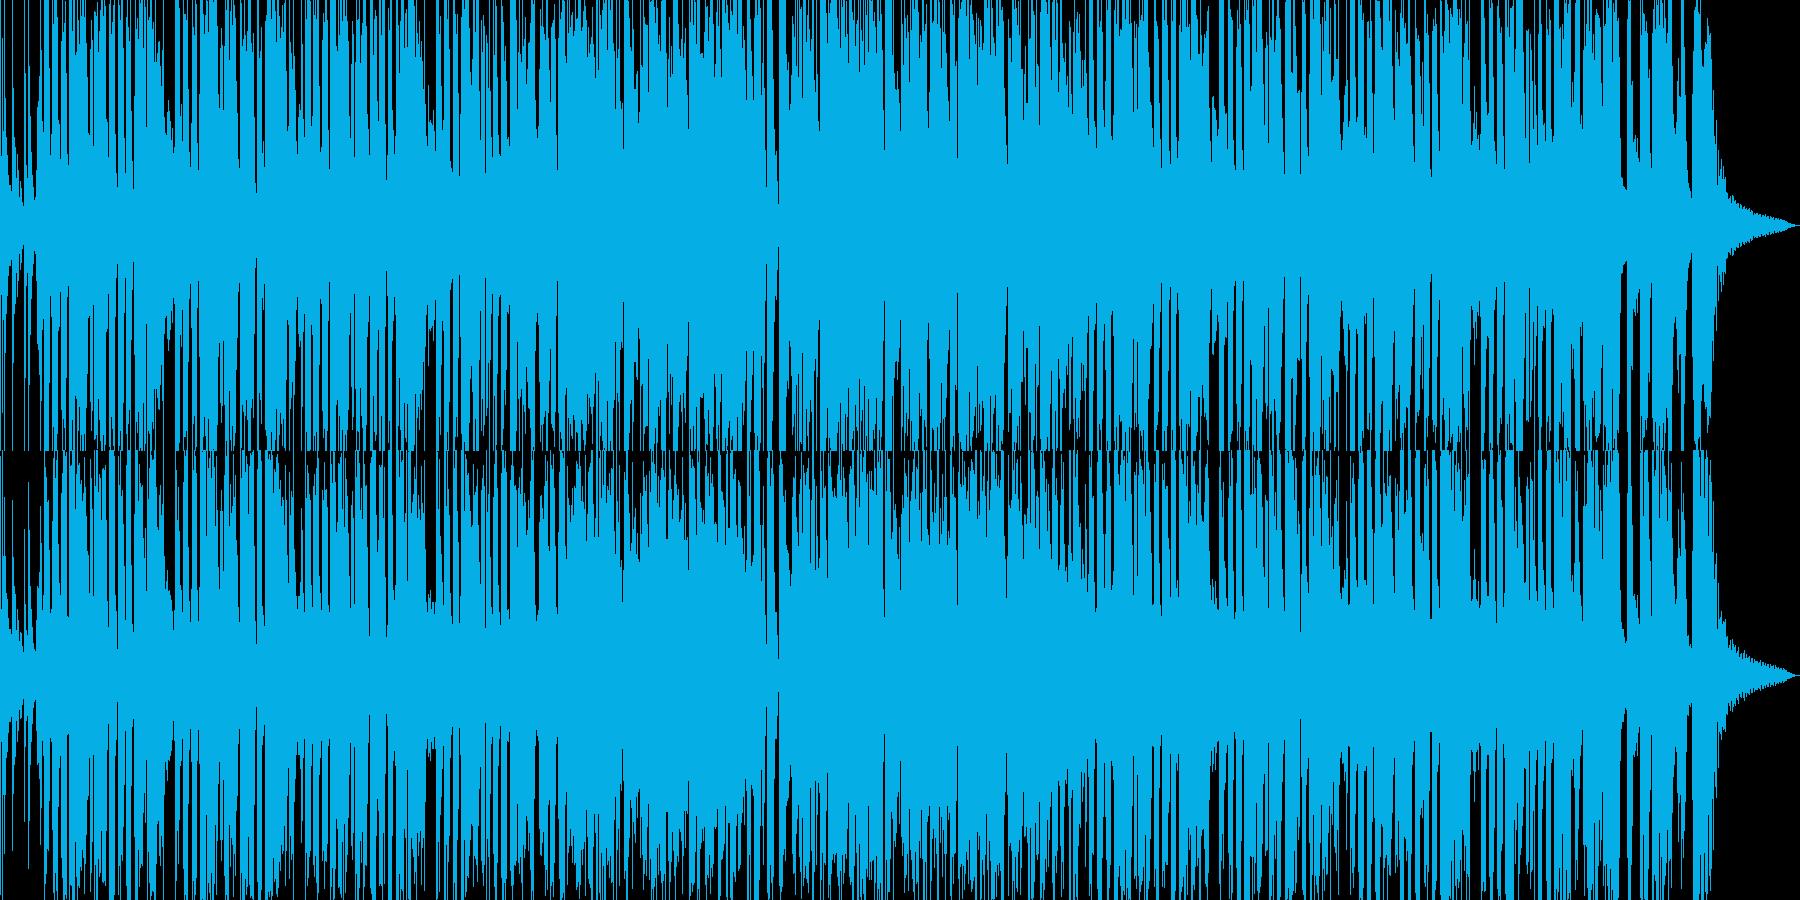 ブラスメインのファンキーな曲の再生済みの波形